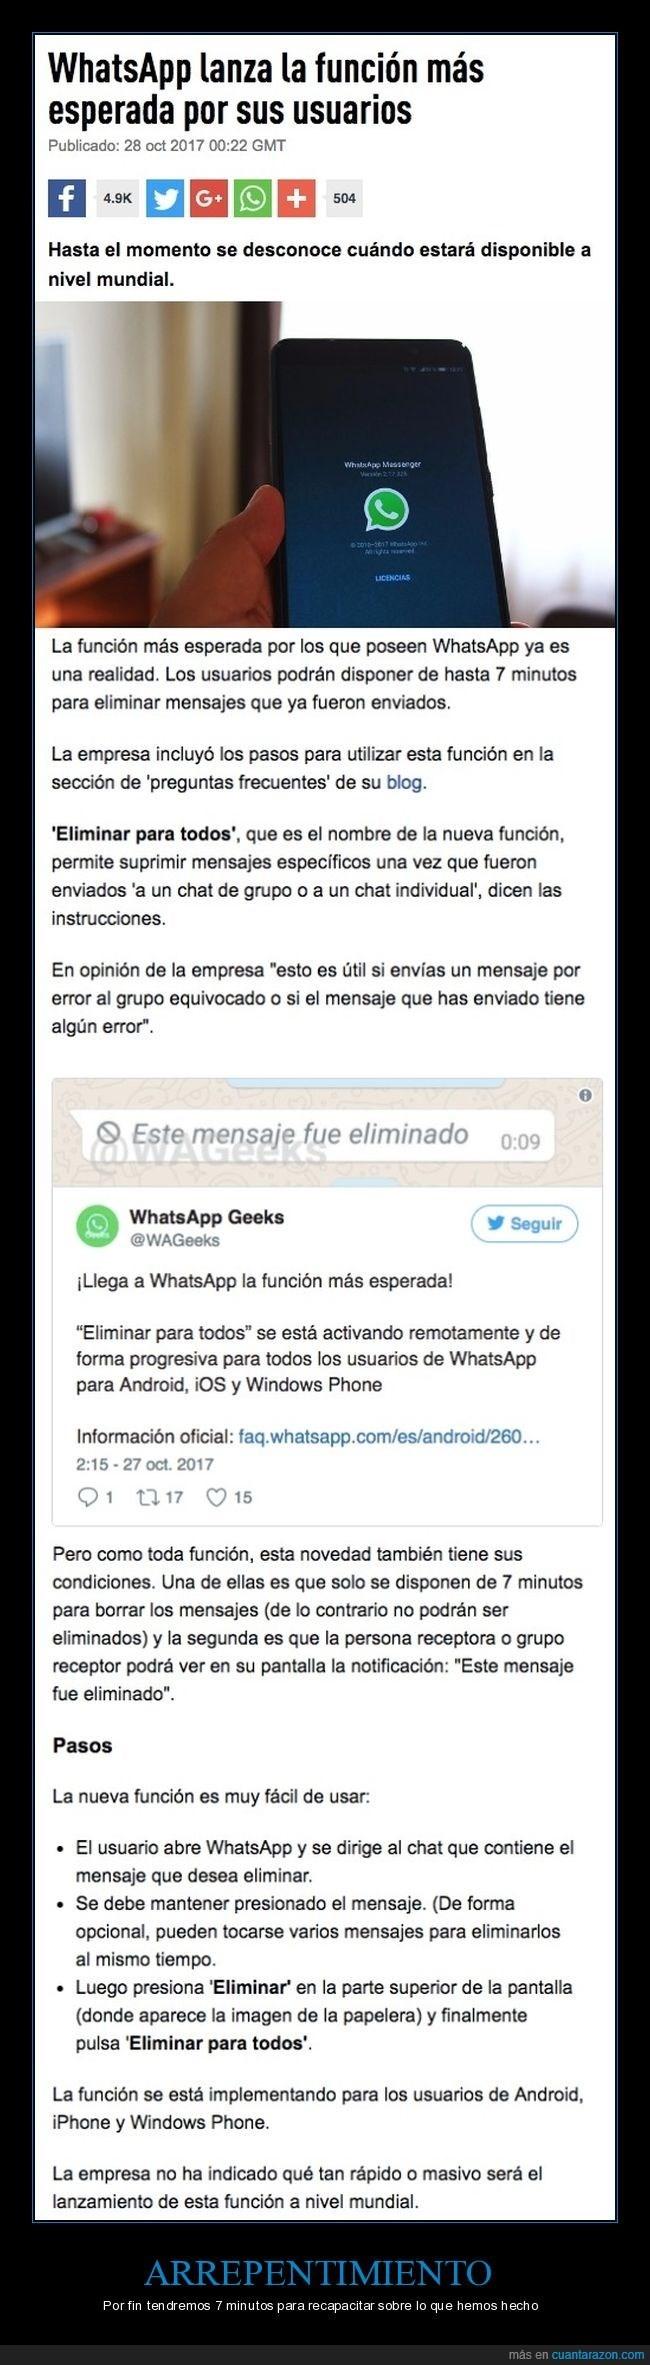 actualizacion de whatsapp para eliminar mensajes ya enviados